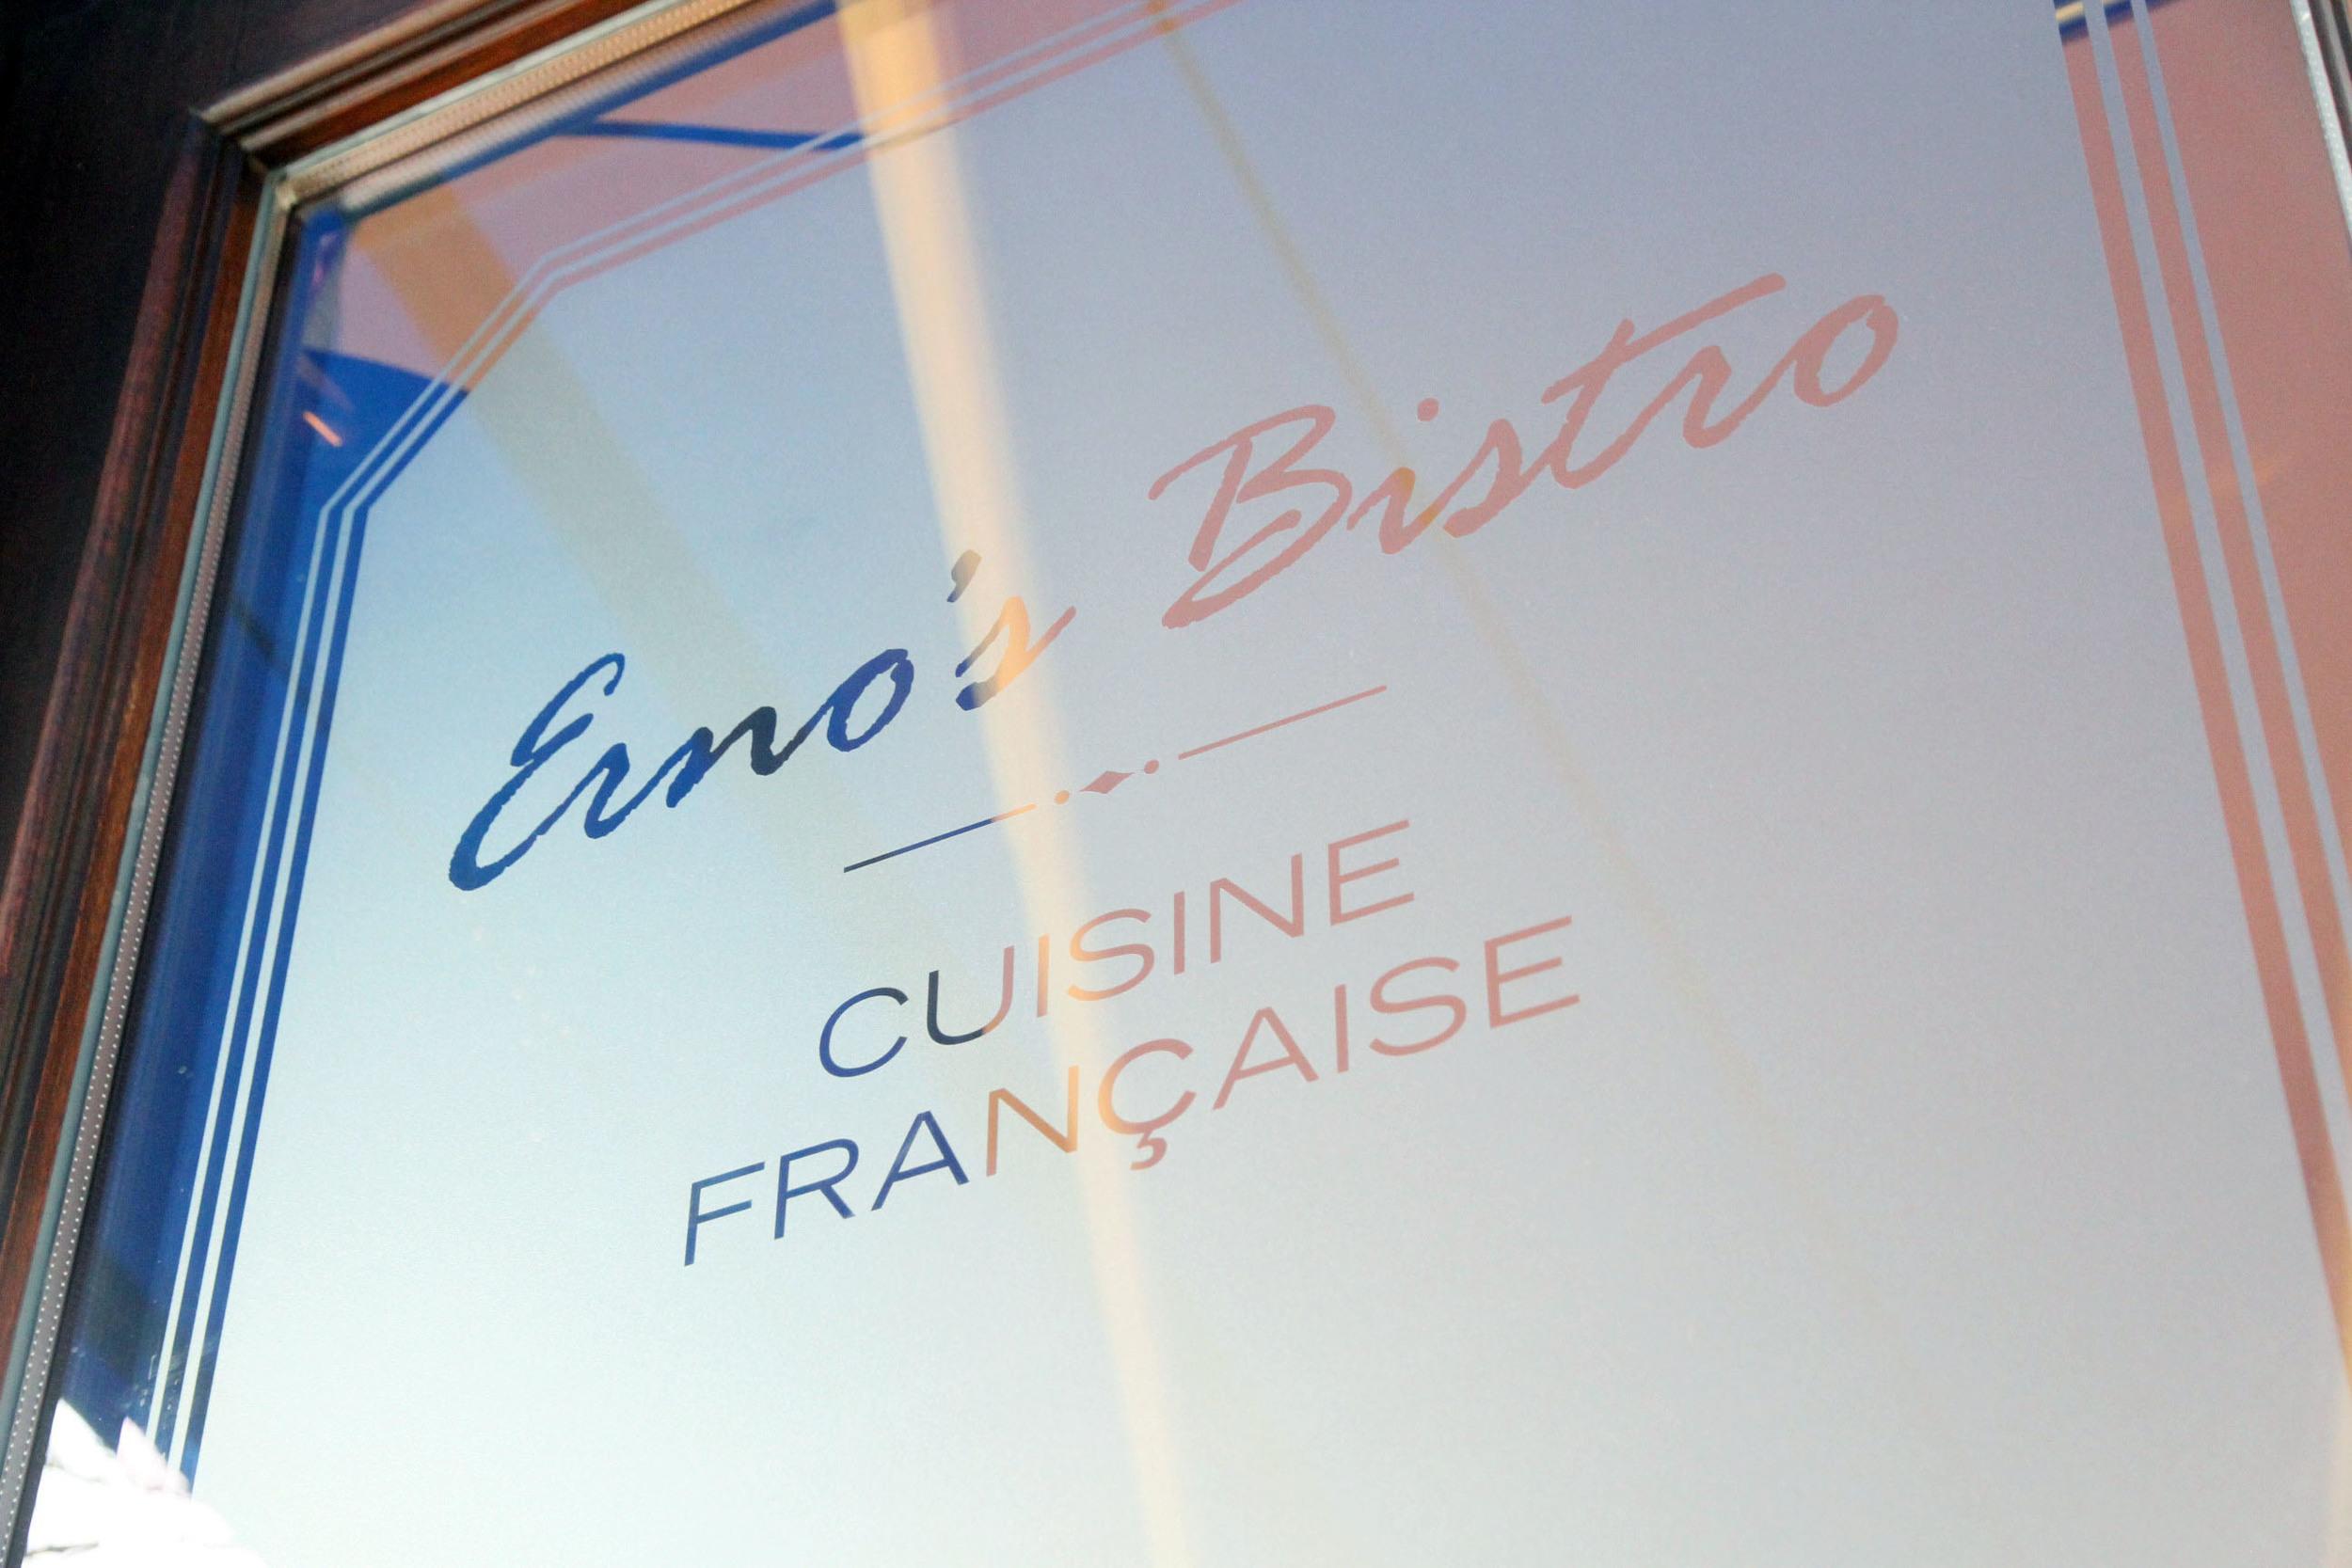 Erno's.jpg